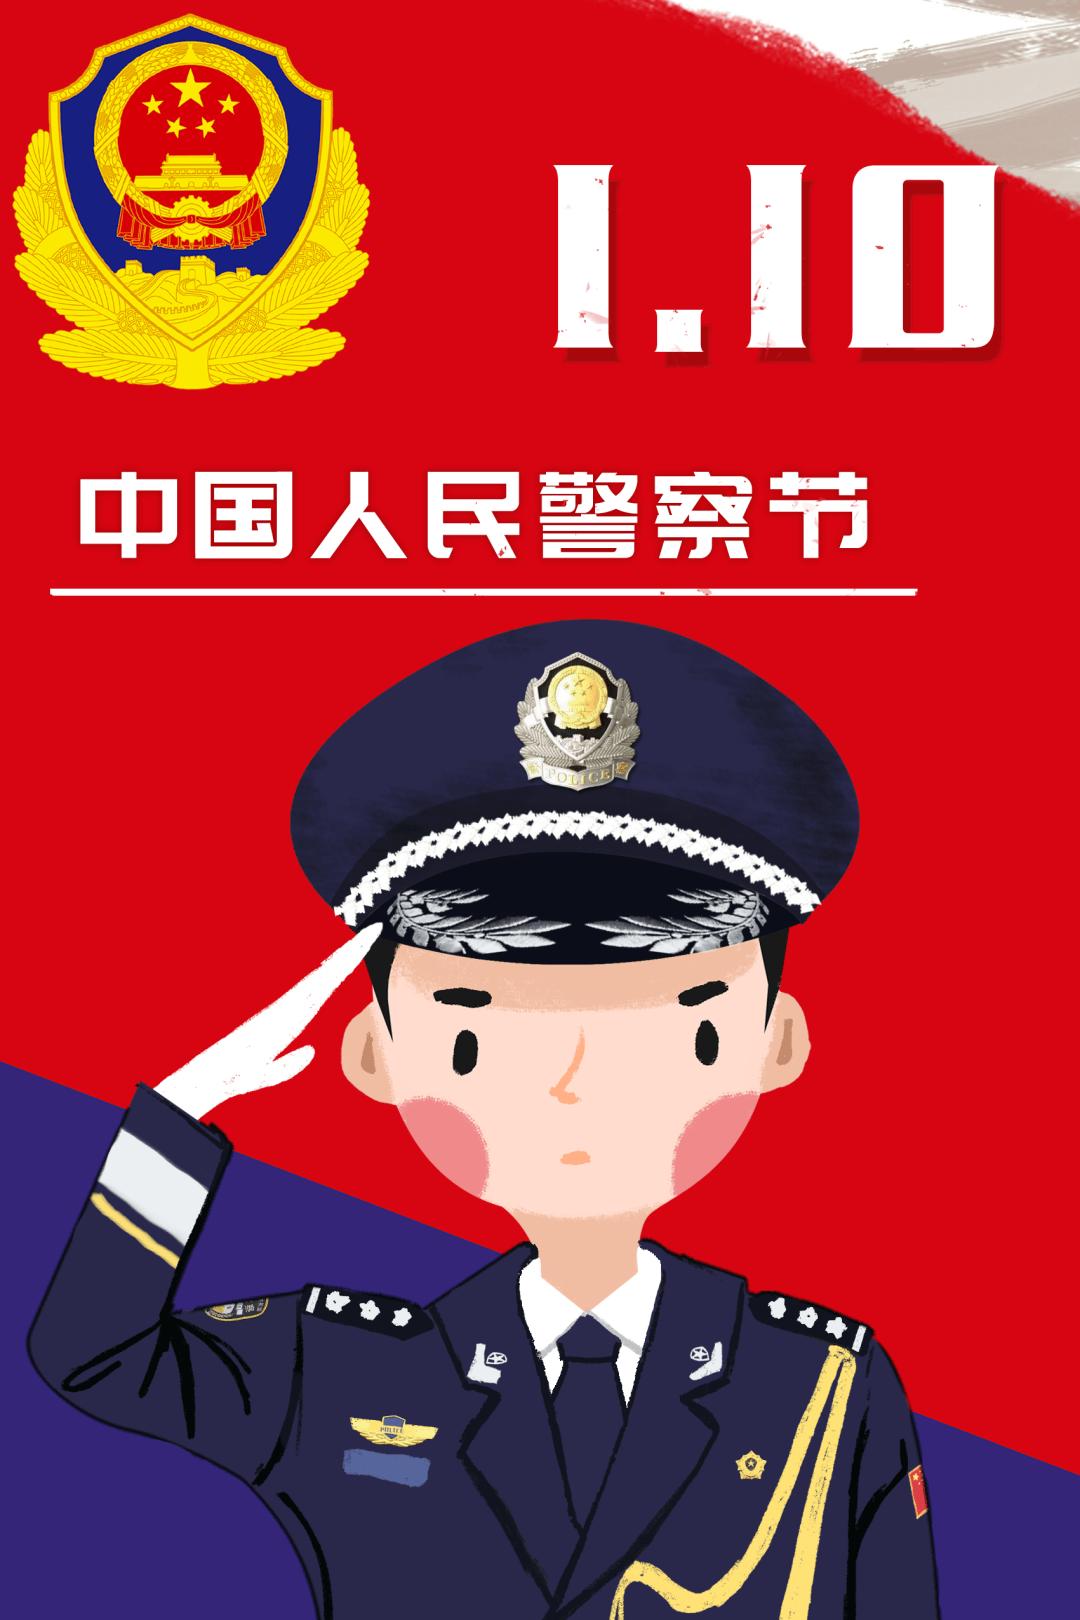 【警·方】这首MV致敬顺义110!